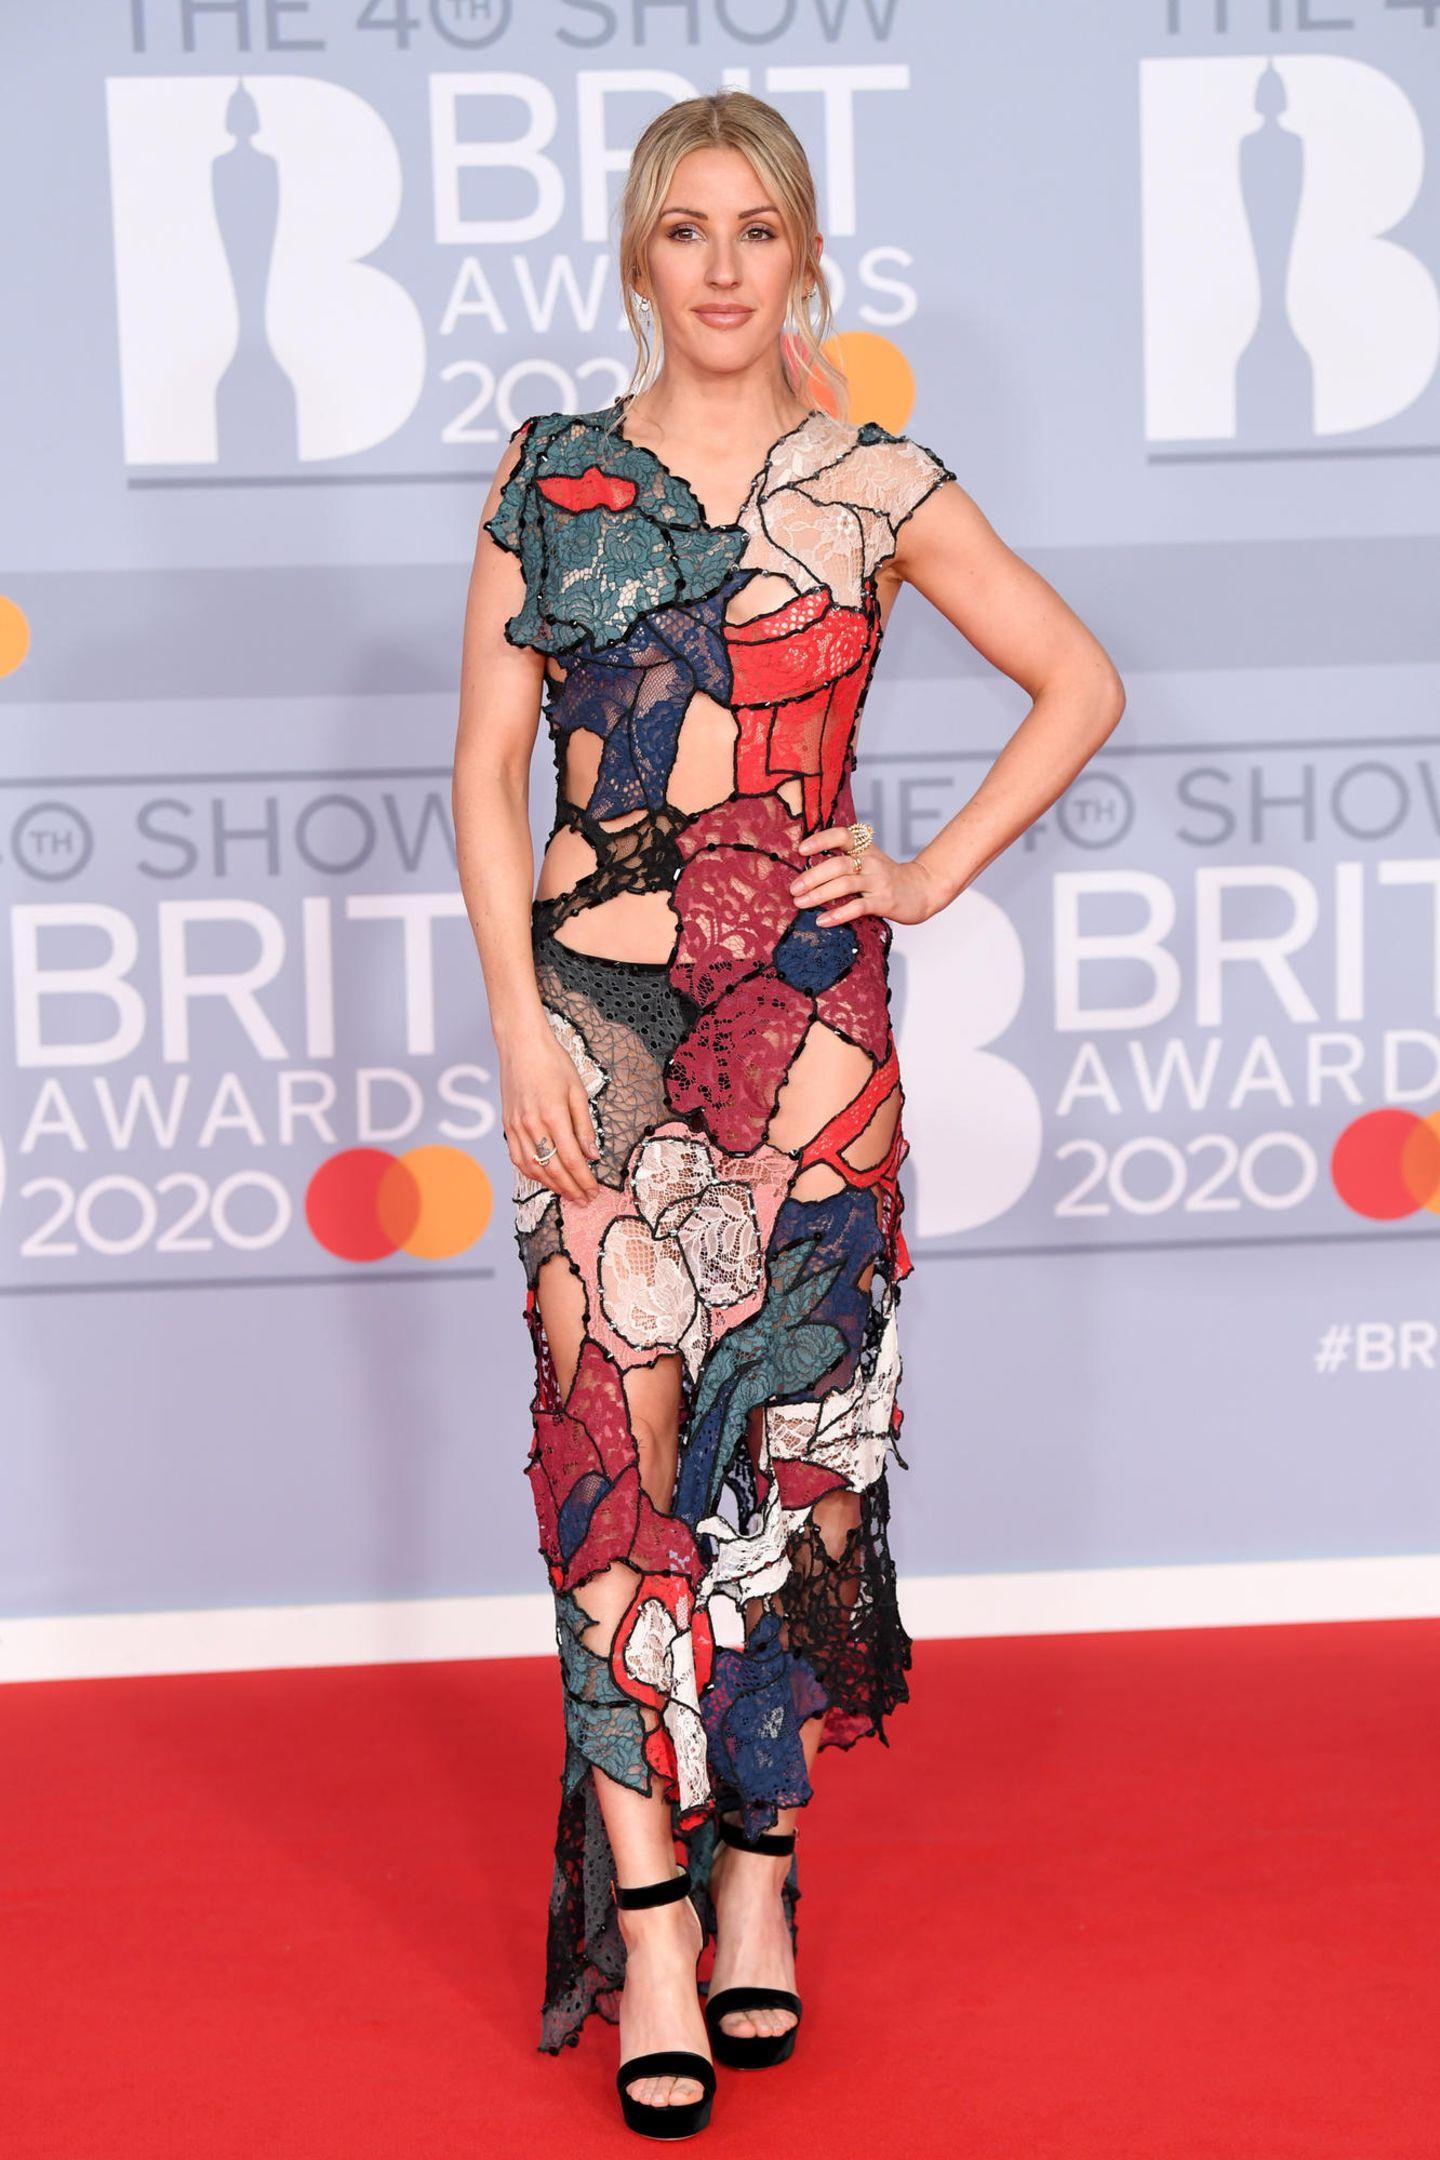 Hätten Sie es gedacht? Auf den ersten Blick wirkt Ellie Goulding in ihrem Patchwork-Kleid alles andere als freizügig. Doch schaut man ganz genau hin, fällt auf, dass manche der Patches nicht mit Stoff ausgefüllt sind, sondern den Blick frei auf ihre Haut - und sogar Unterwäsche - geben. Im Profil ...